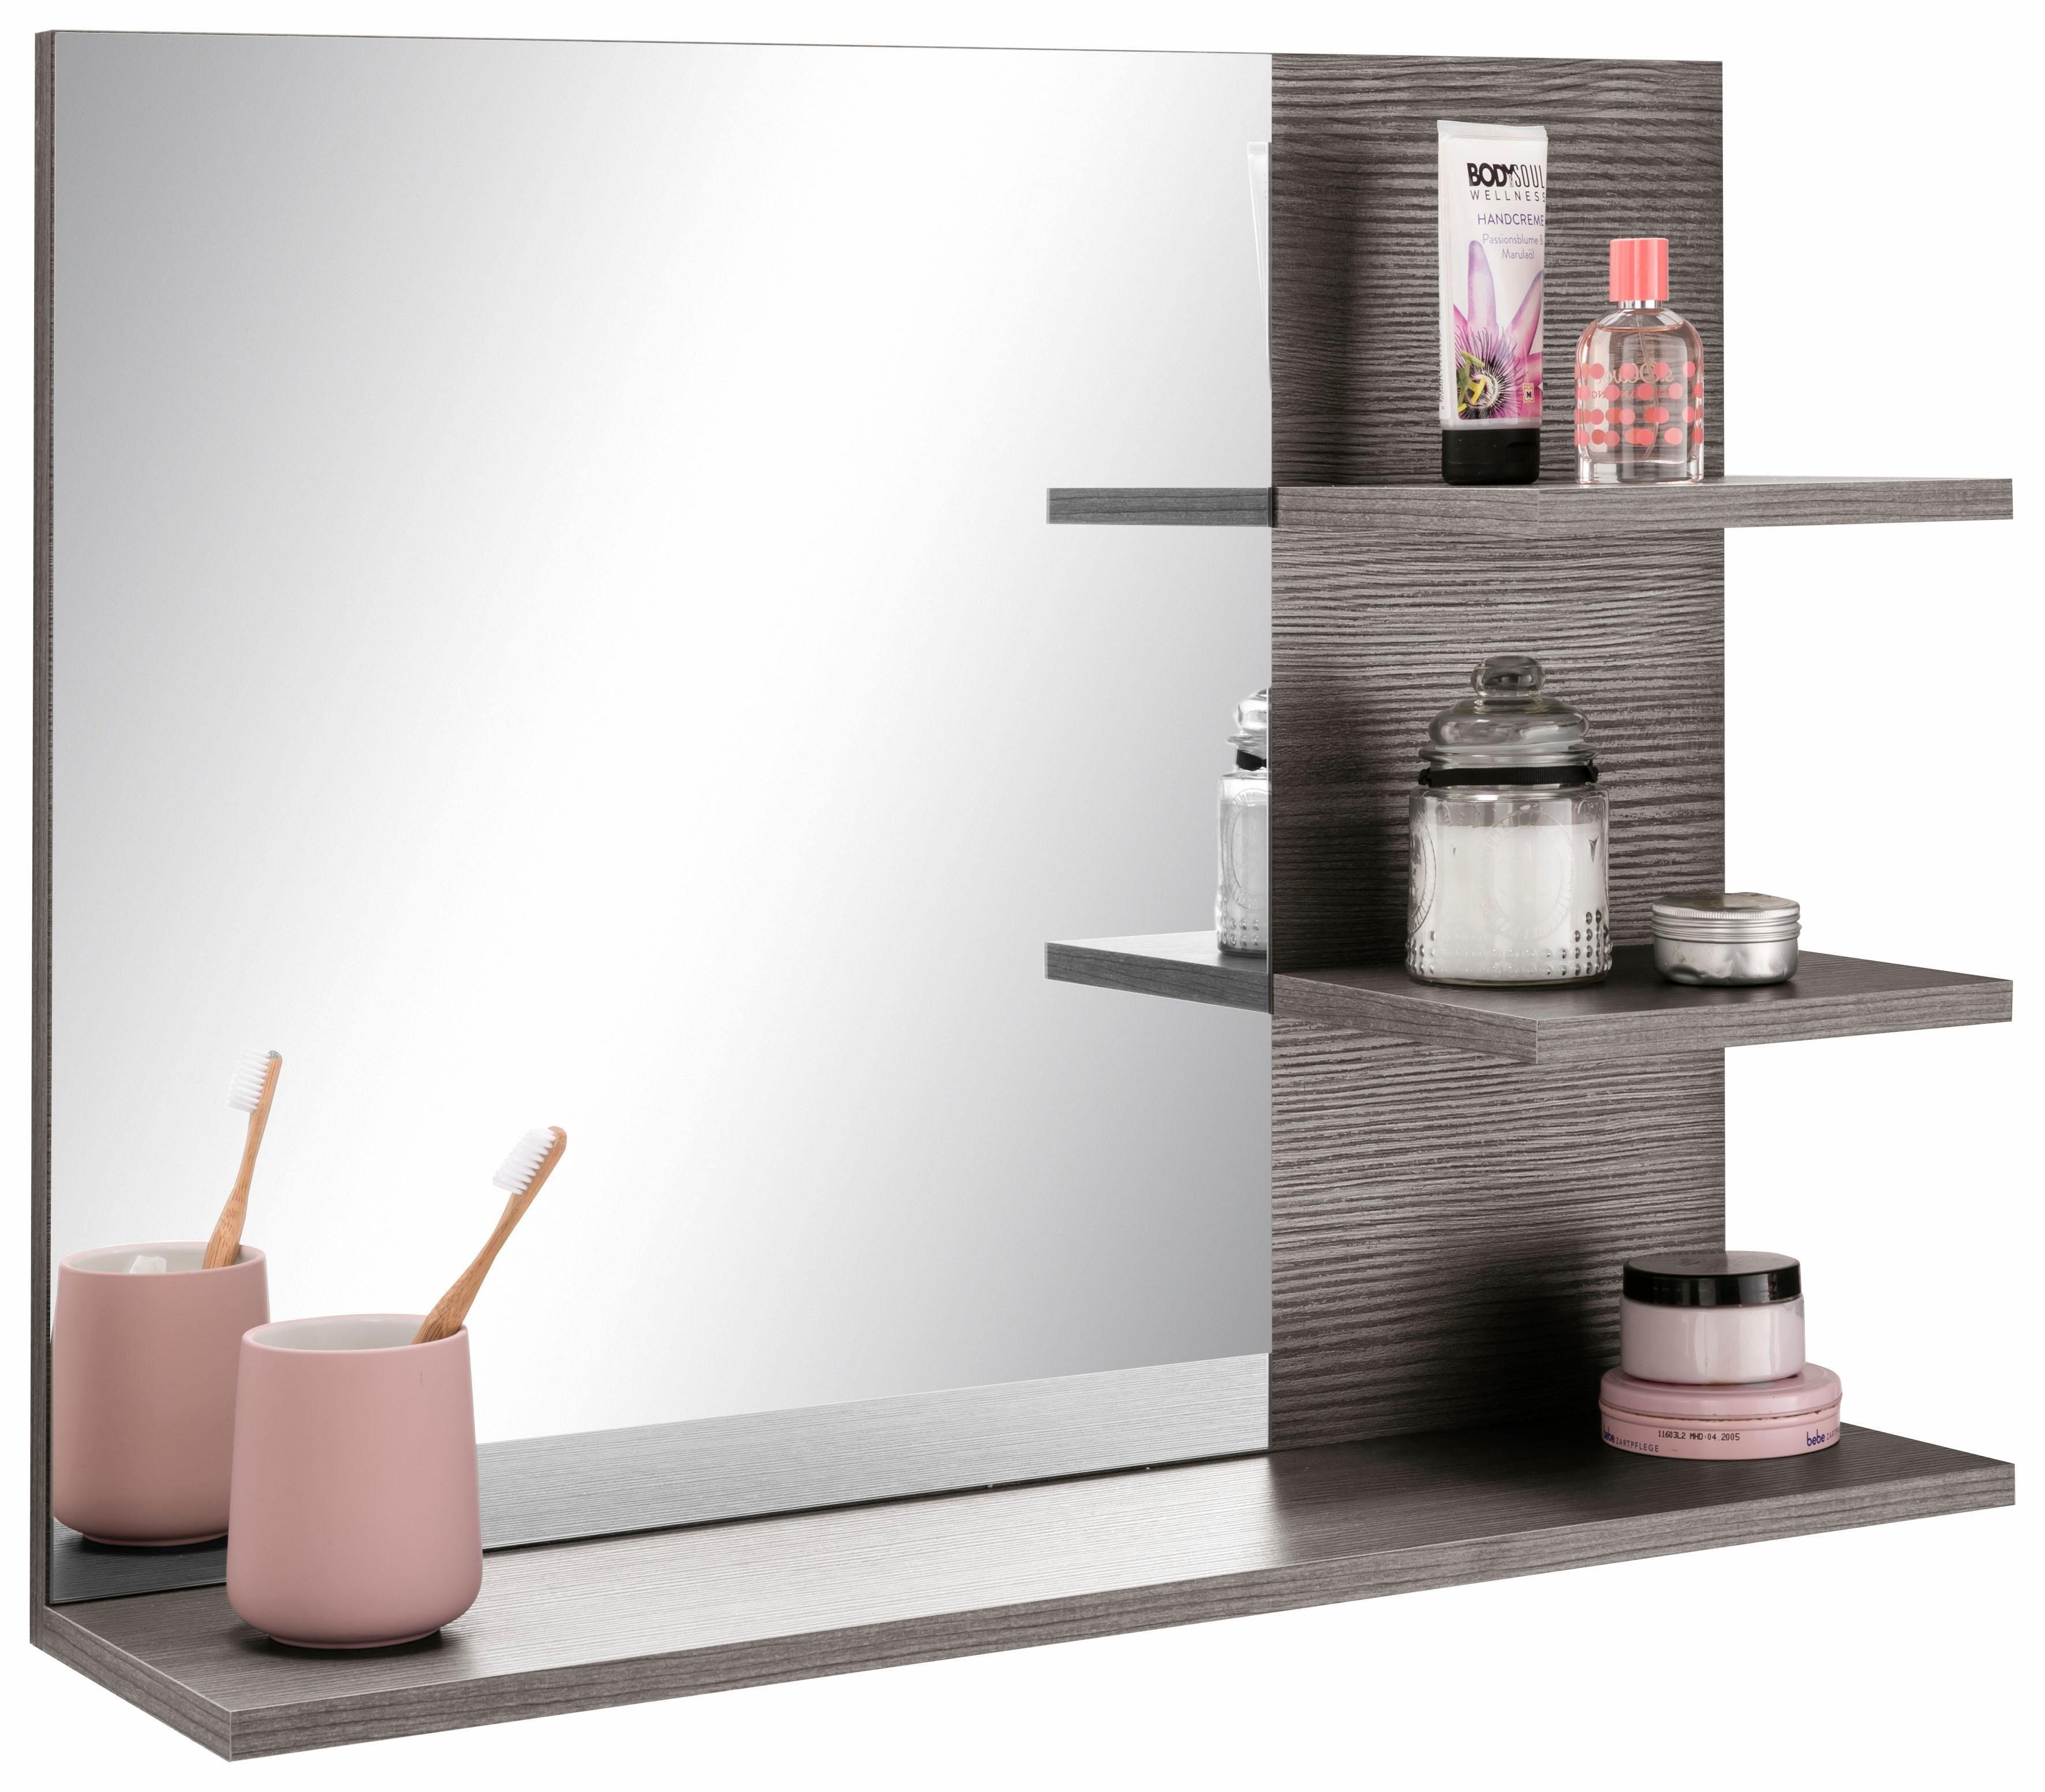 Sehr Gut Spiegel mit Ablage online kaufen | OTTO CZ22